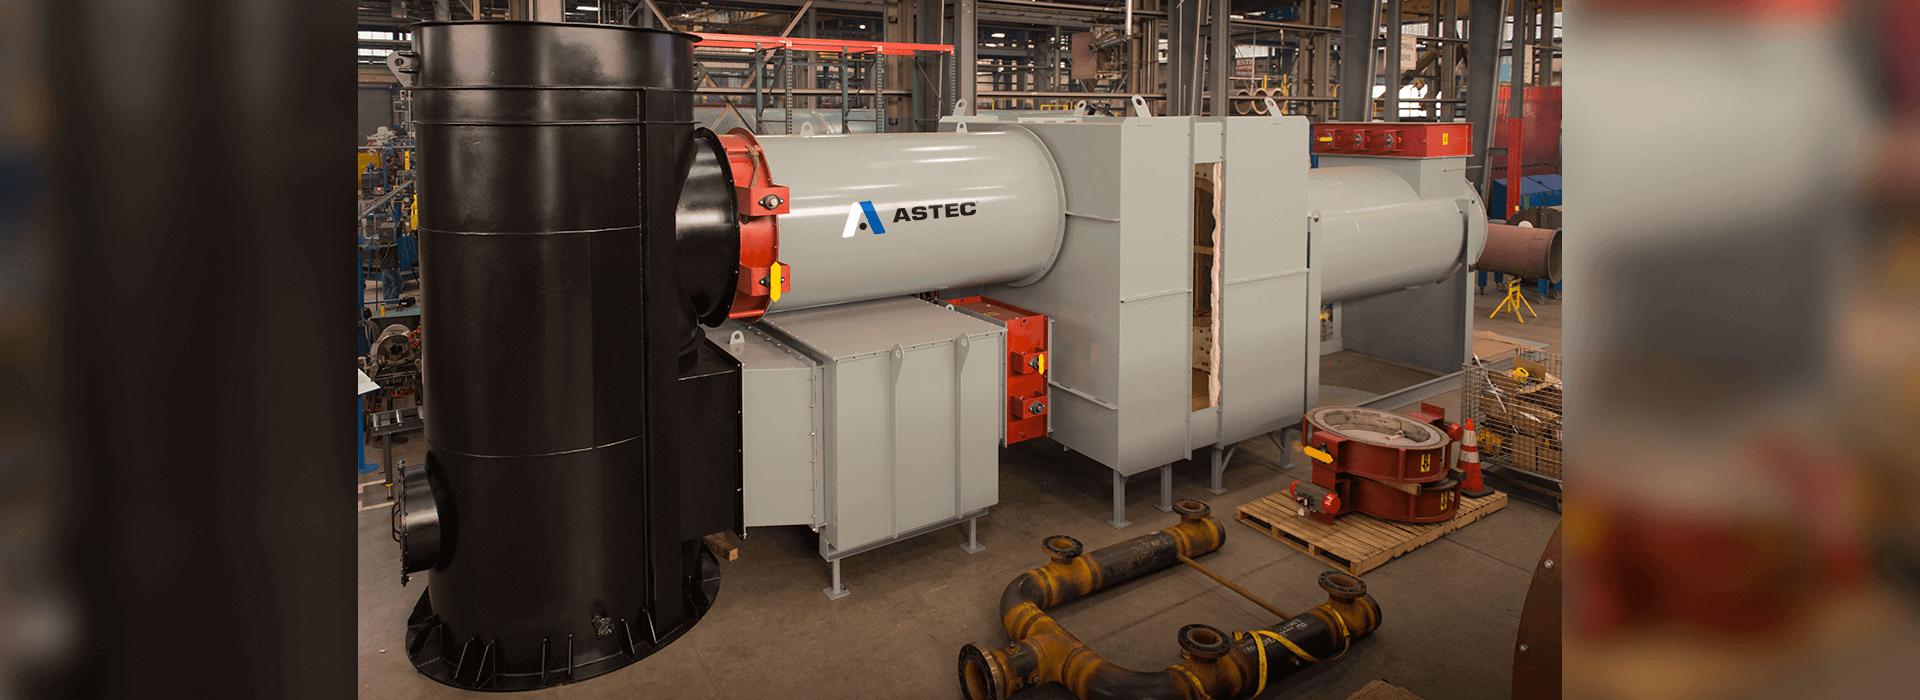 Heatec Catalytic Oxidizer